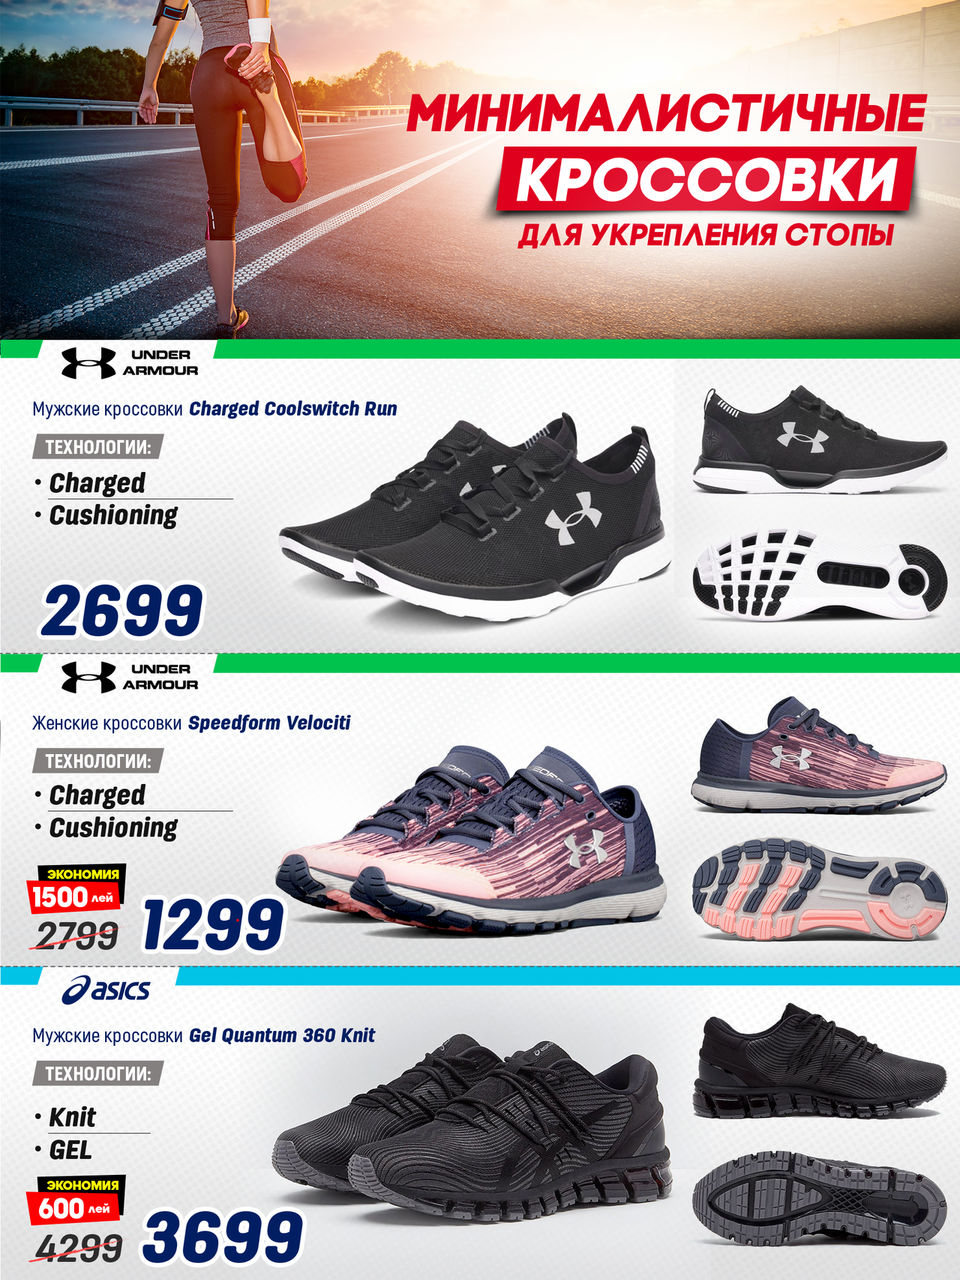 5a4797b7 Безопасный бег по грунту, неровным и скользким поверхностям - это стихия  трейловых кроссовок. Такая обувь снабжена хорошим протектором и сделана их  крепкого ...